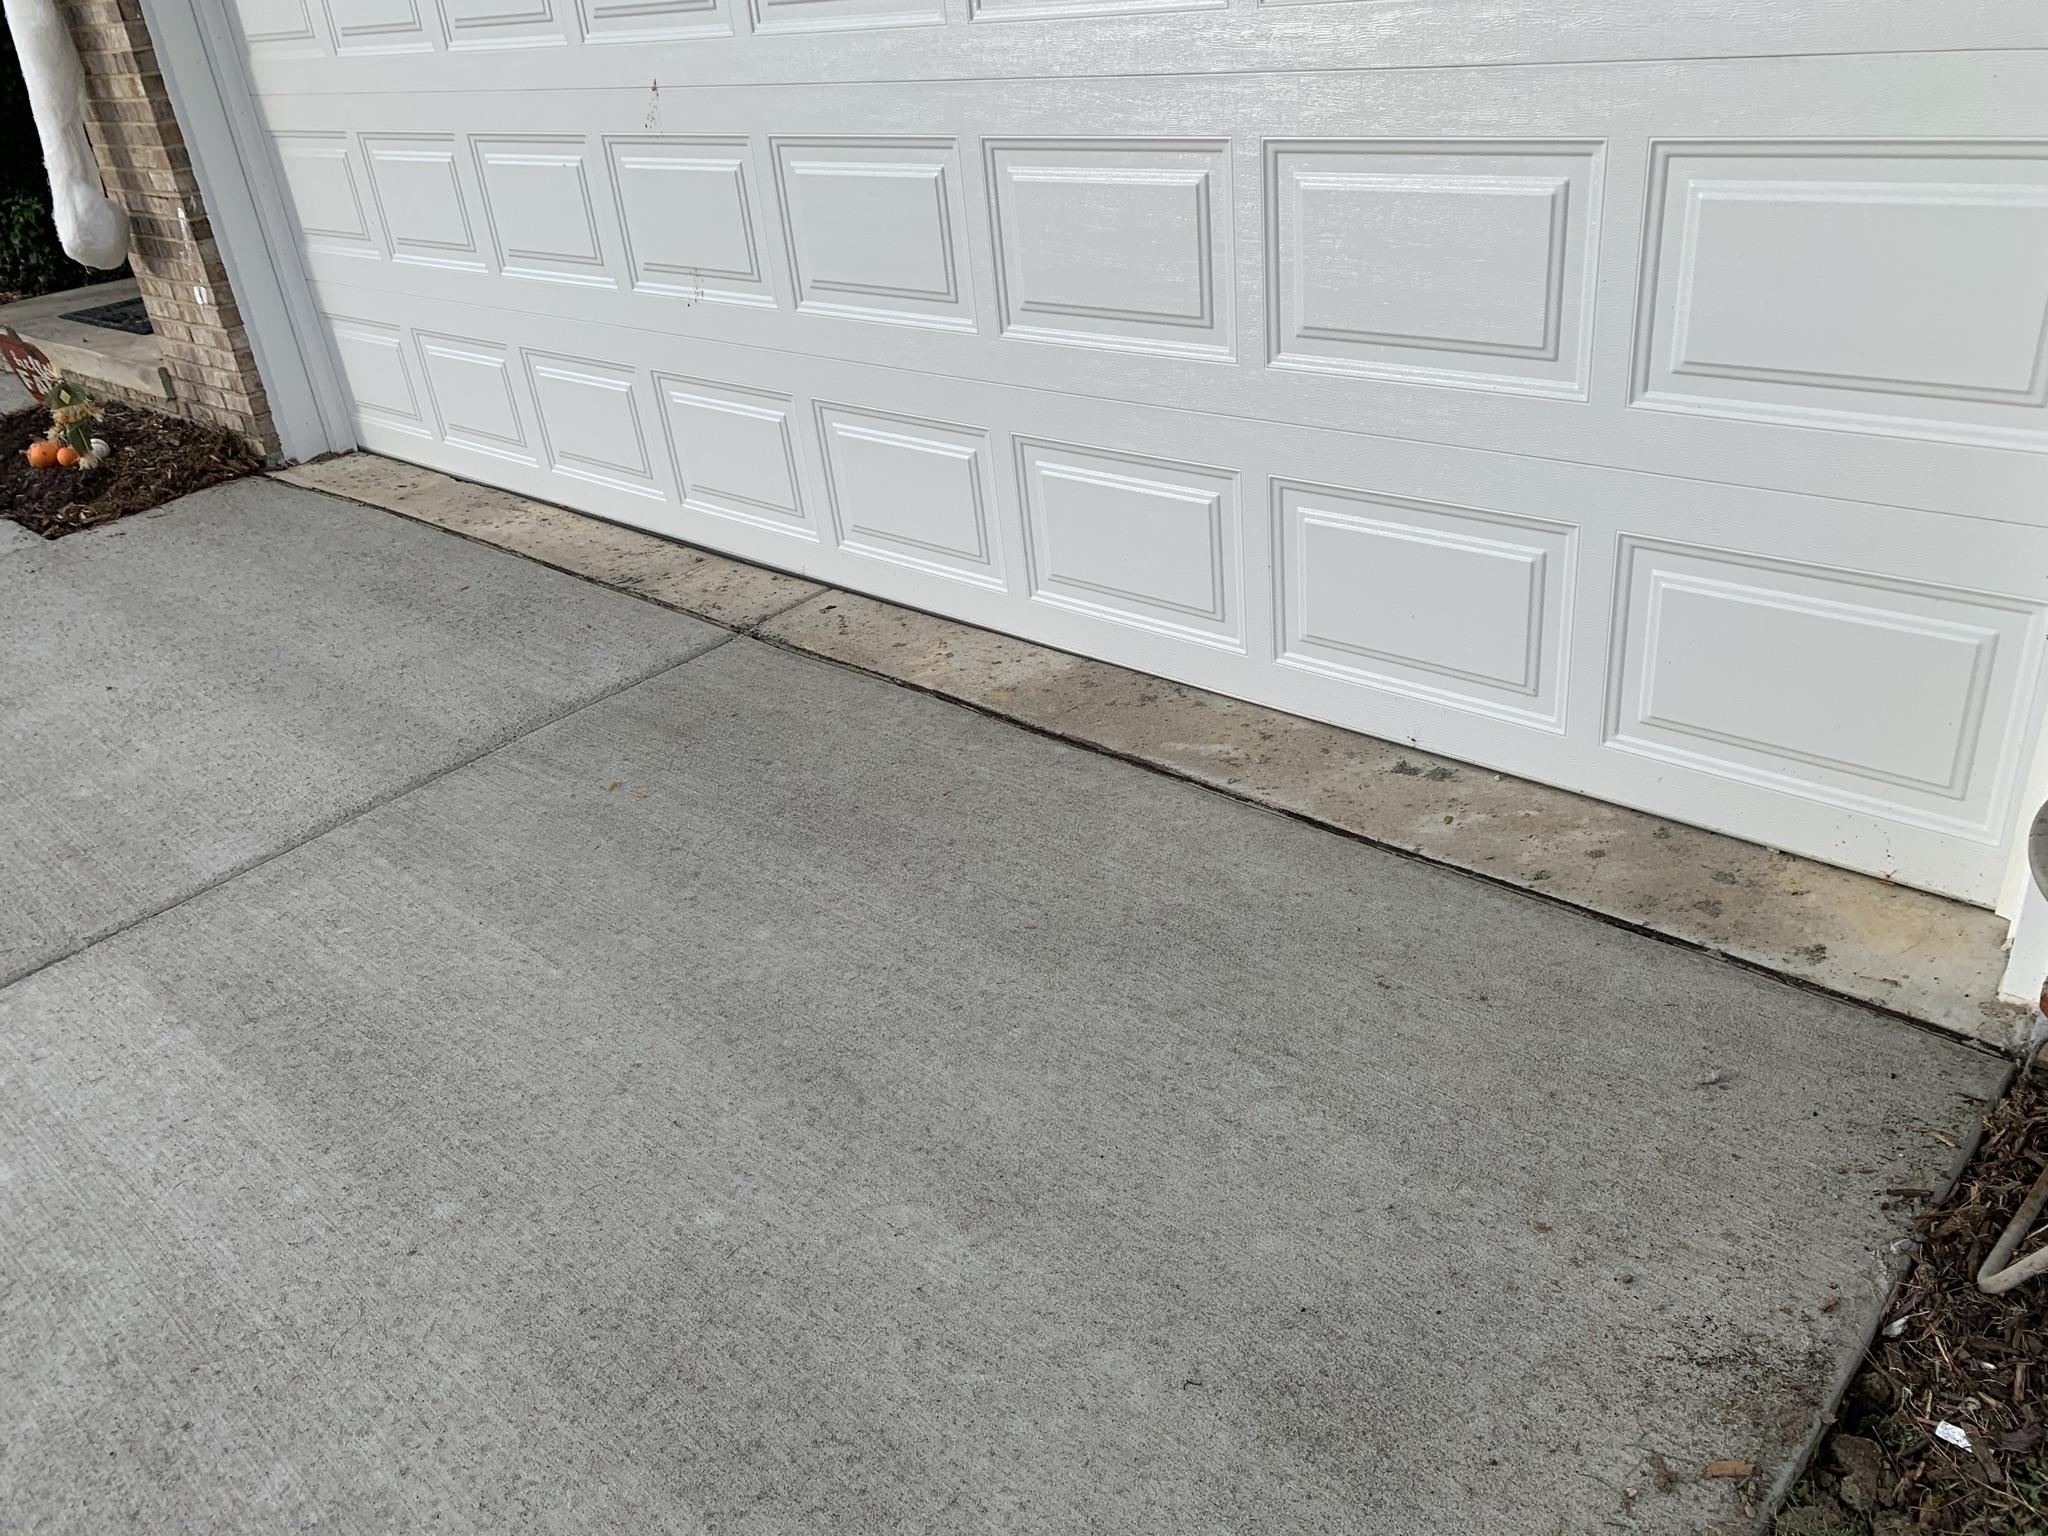 freah concrete driveway before it has dried